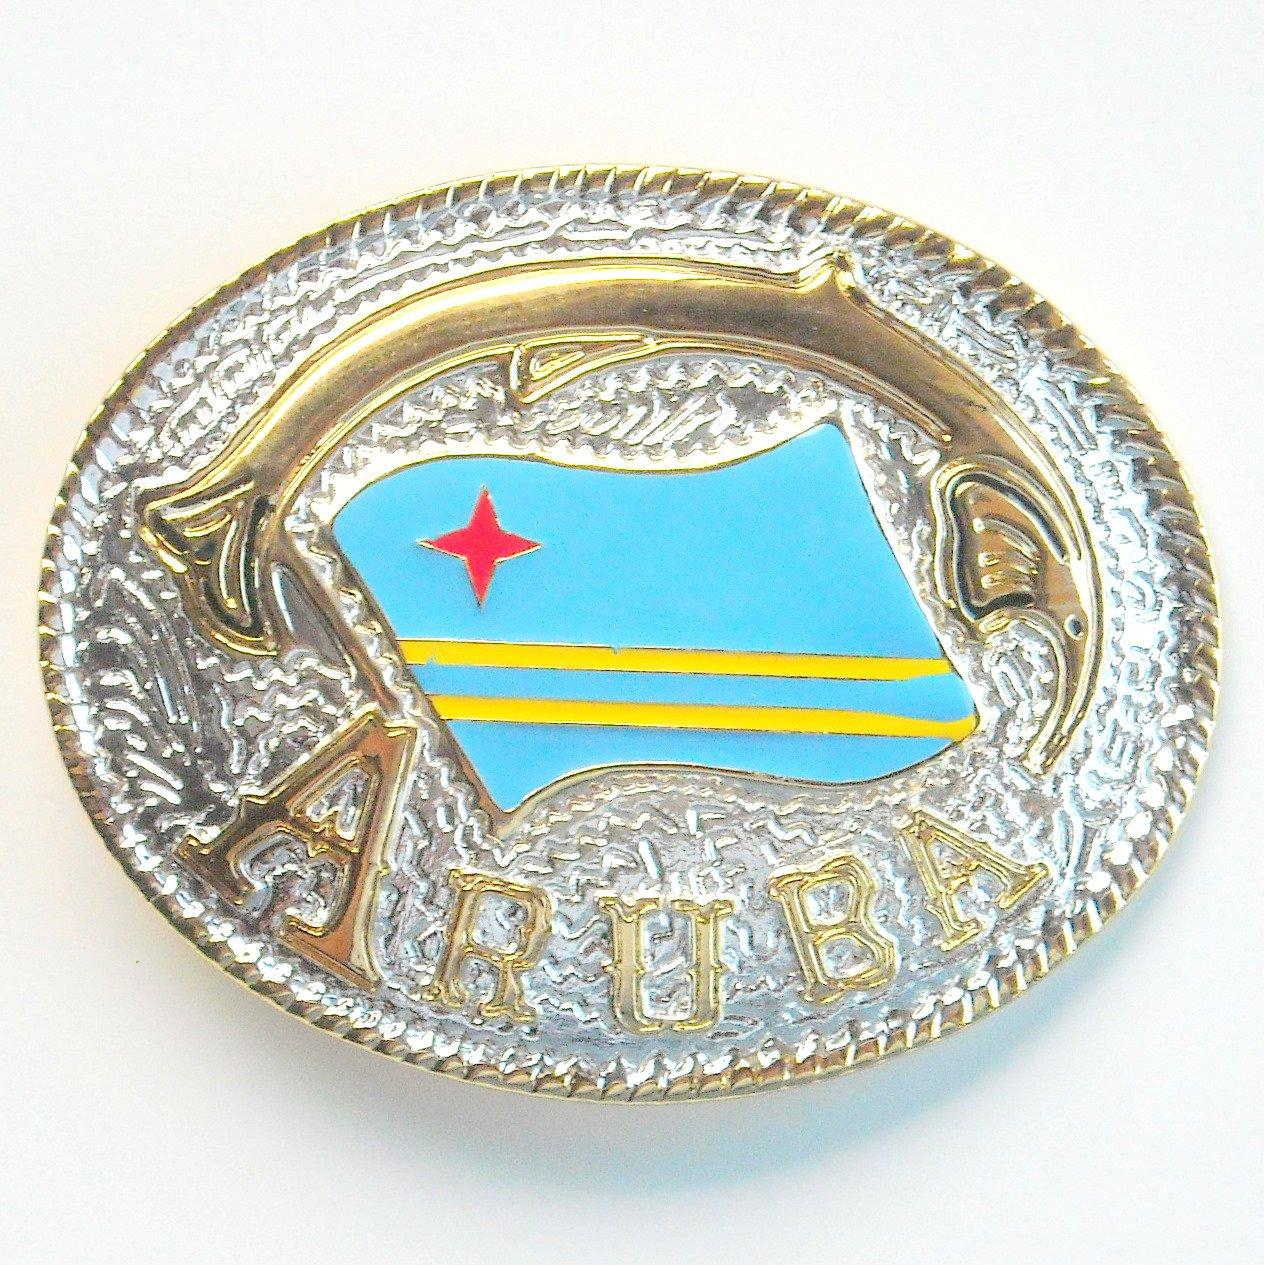 Aruba National Flag Gold Silver Color Large Enamel Belt Buckle